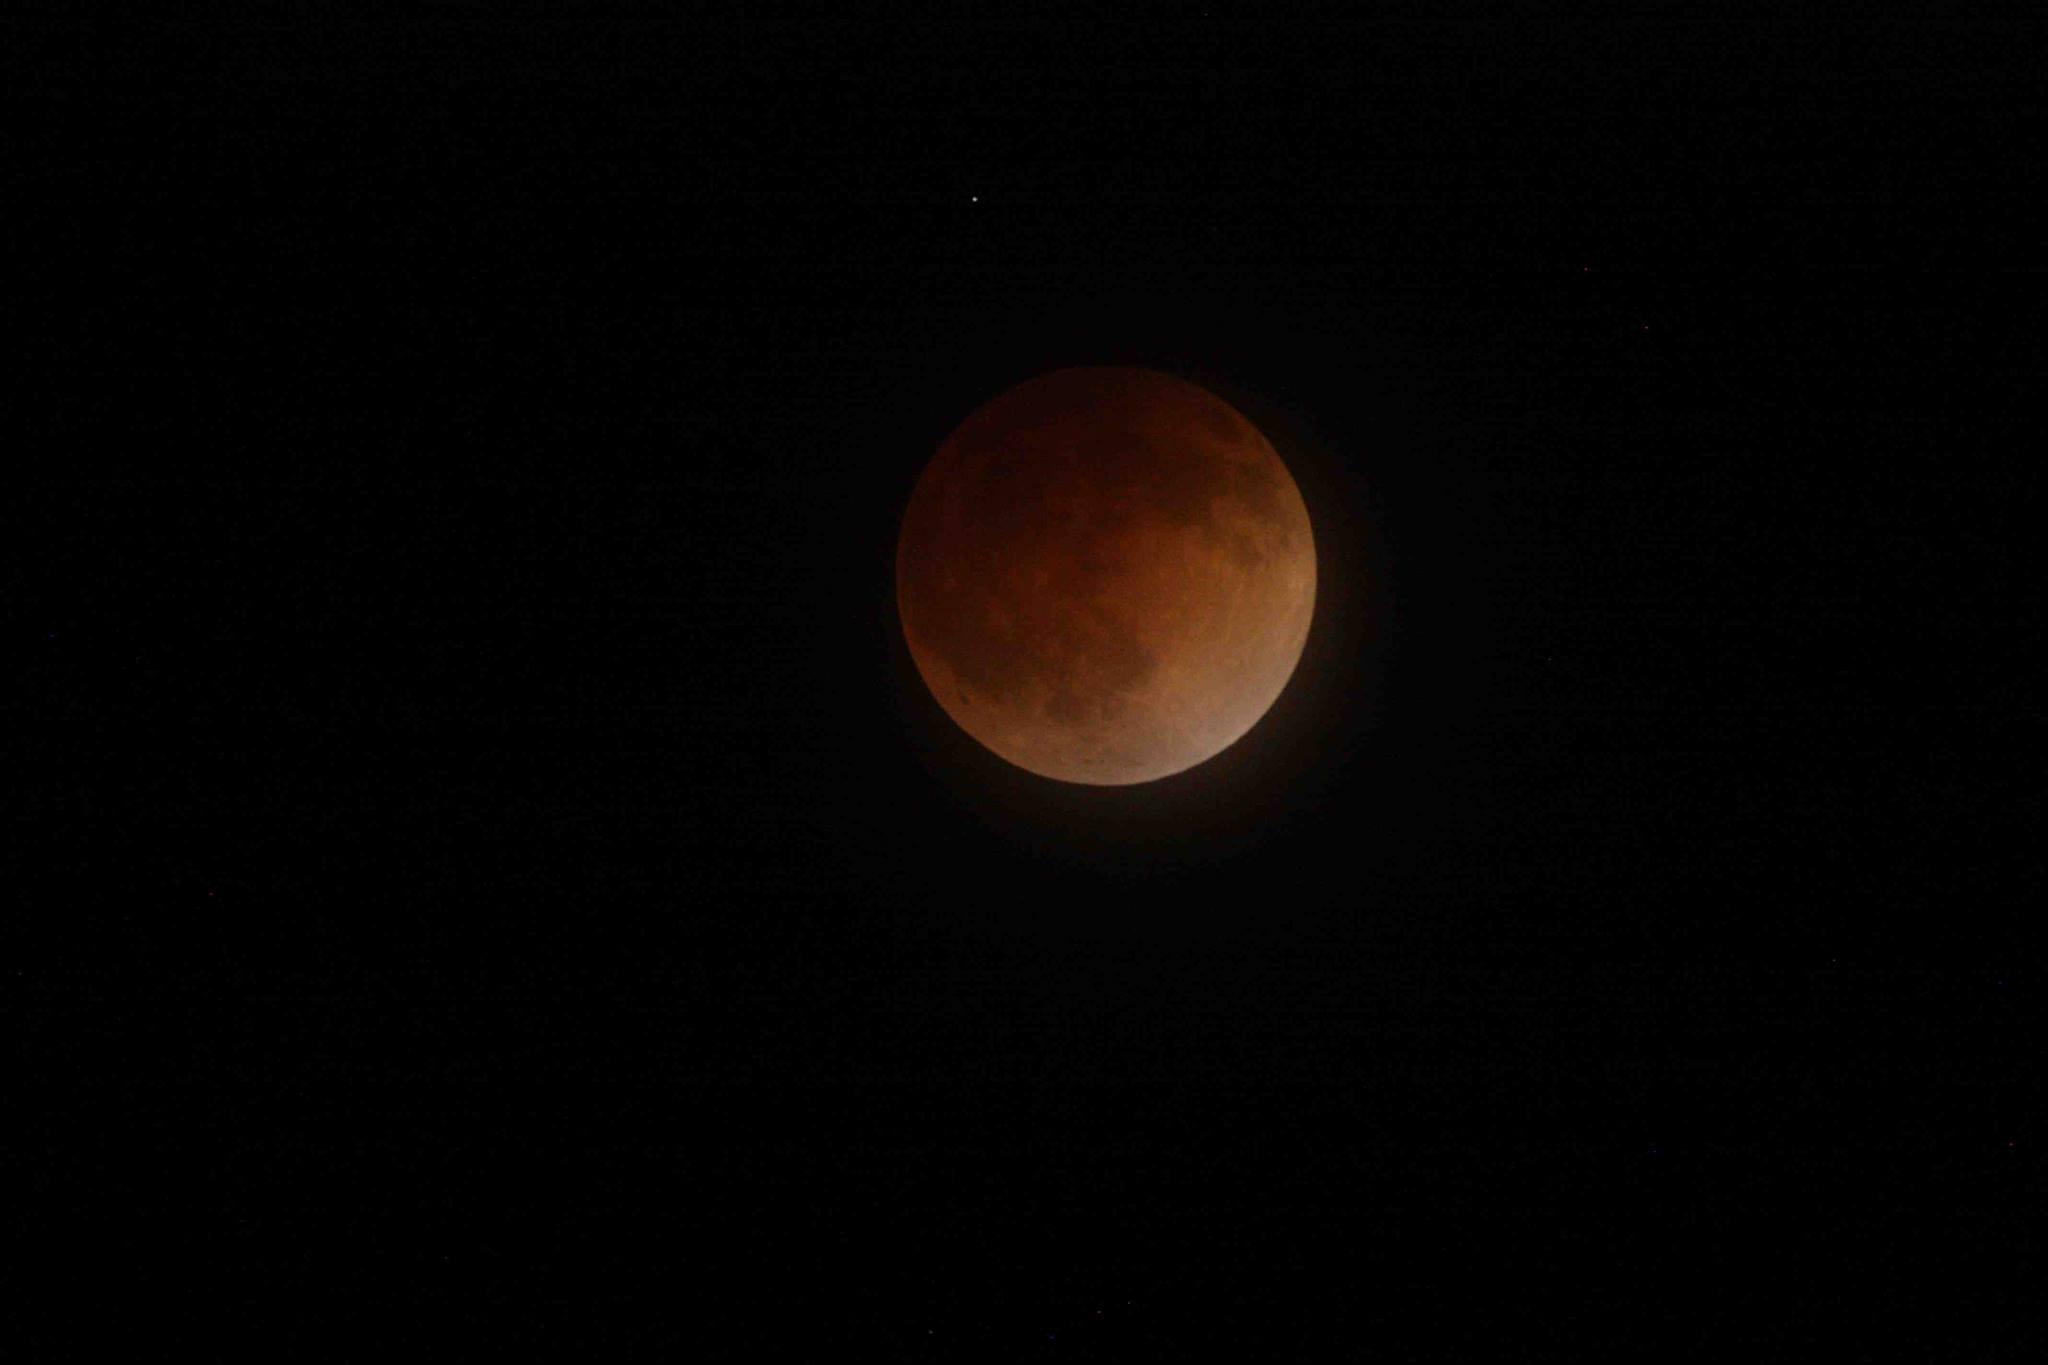 red moon january 2019 san francisco - photo #25